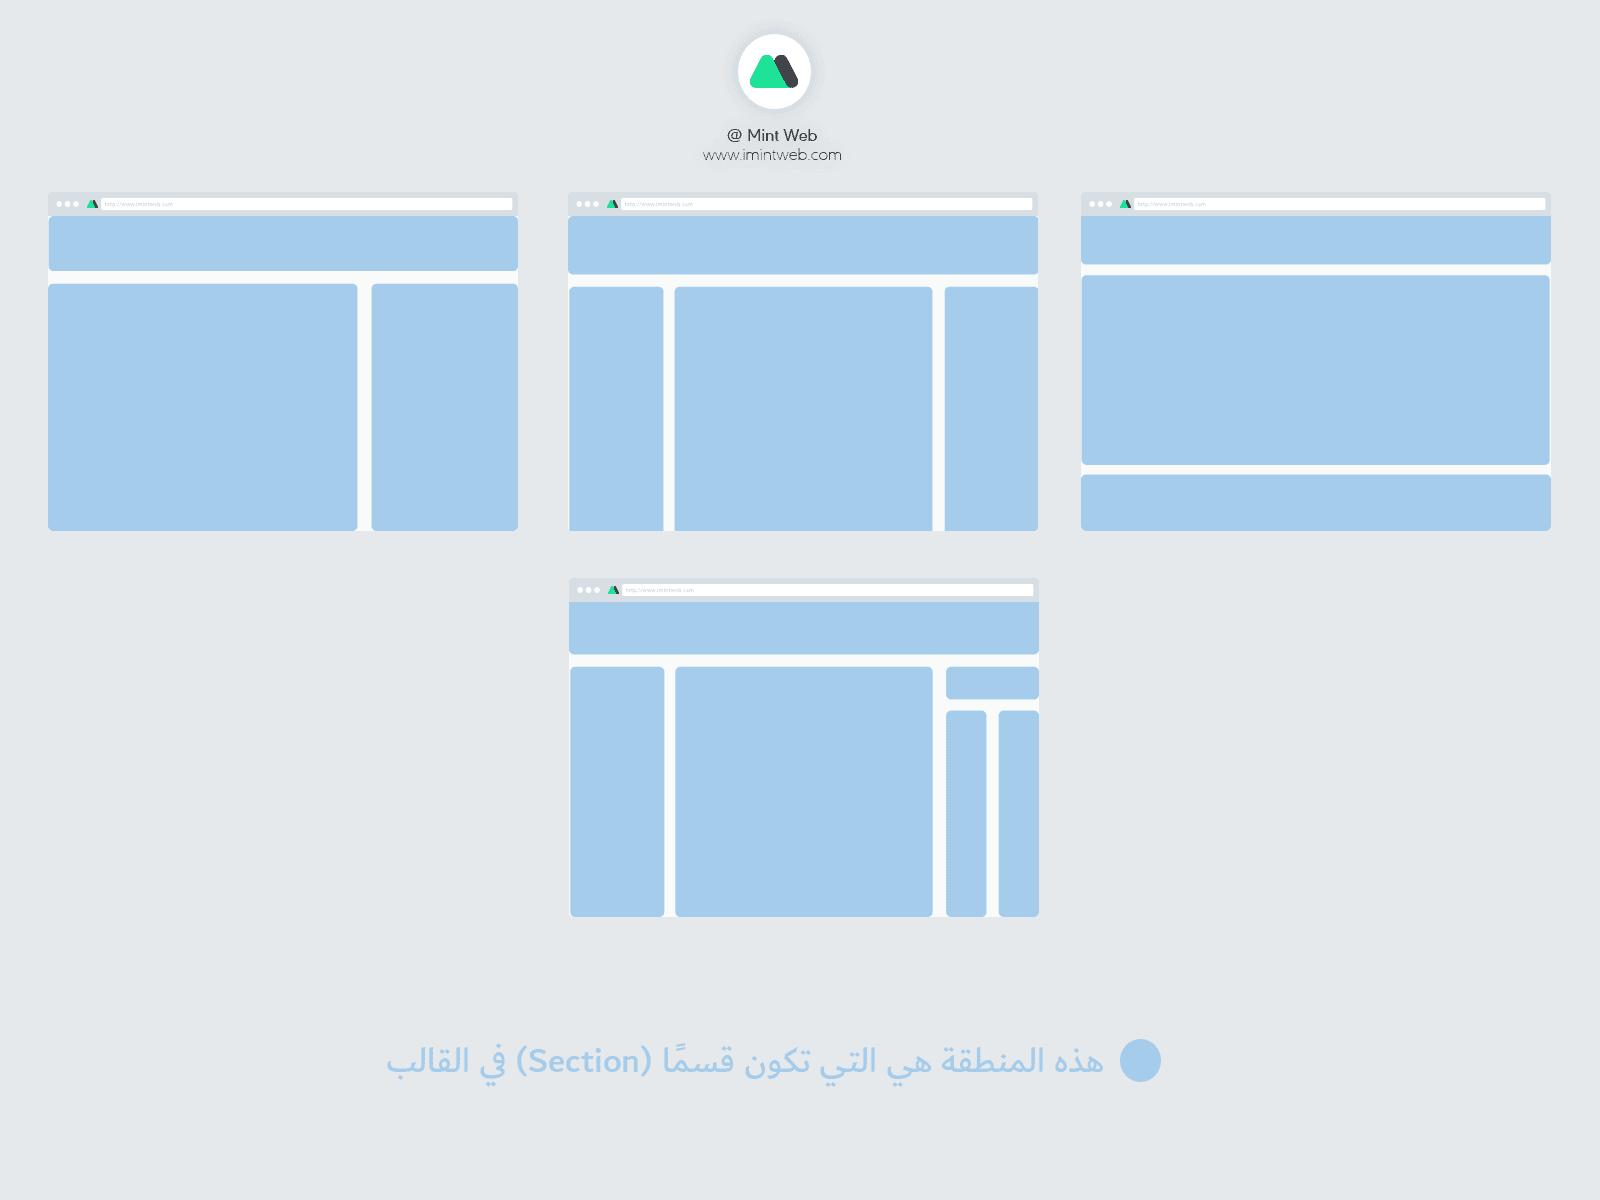 دورة تصميم قالب بلوجر من الصفر 2019 - الجزء الأول